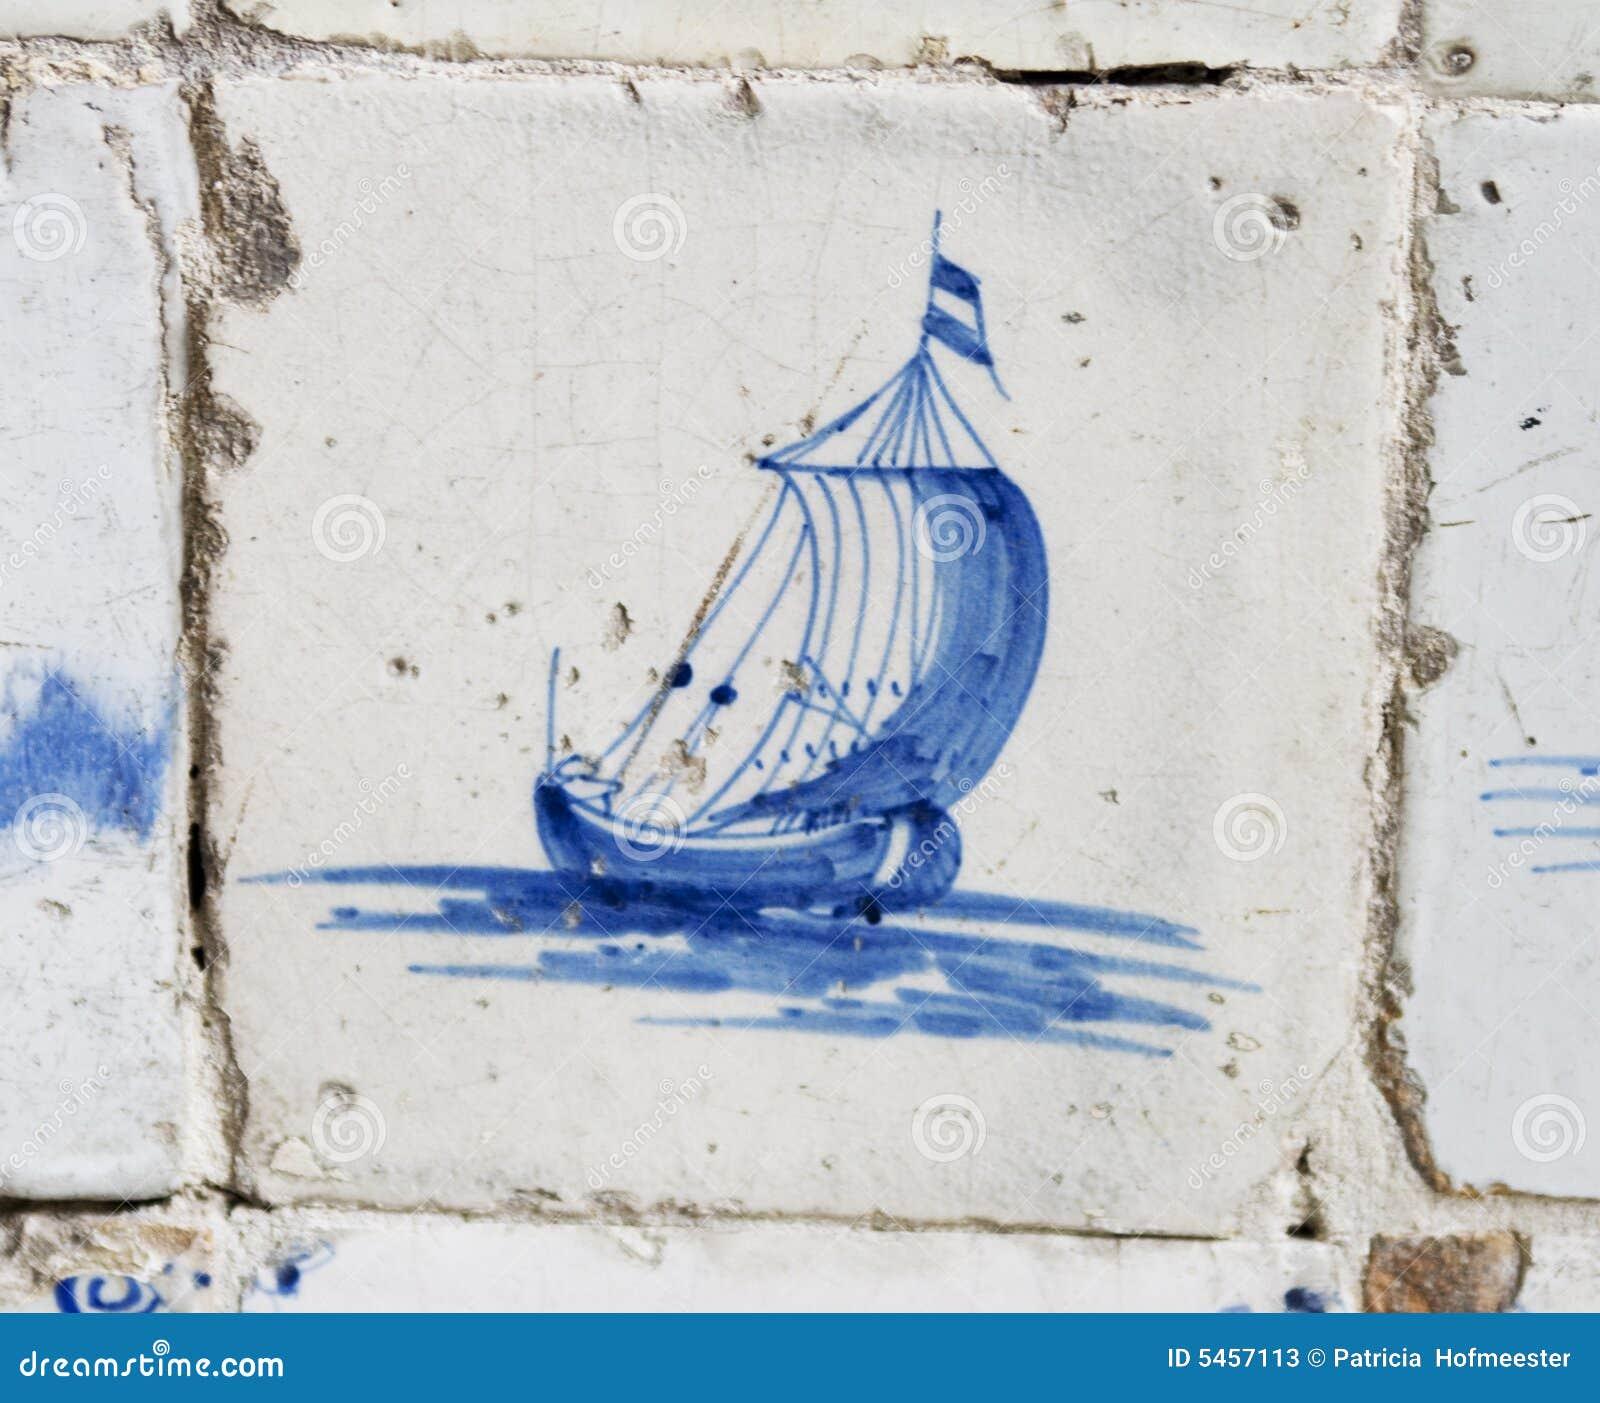 μπλε τρύγος κεραμιδιών σκαφών του Ντελφτ ολλανδικός πλέοντας